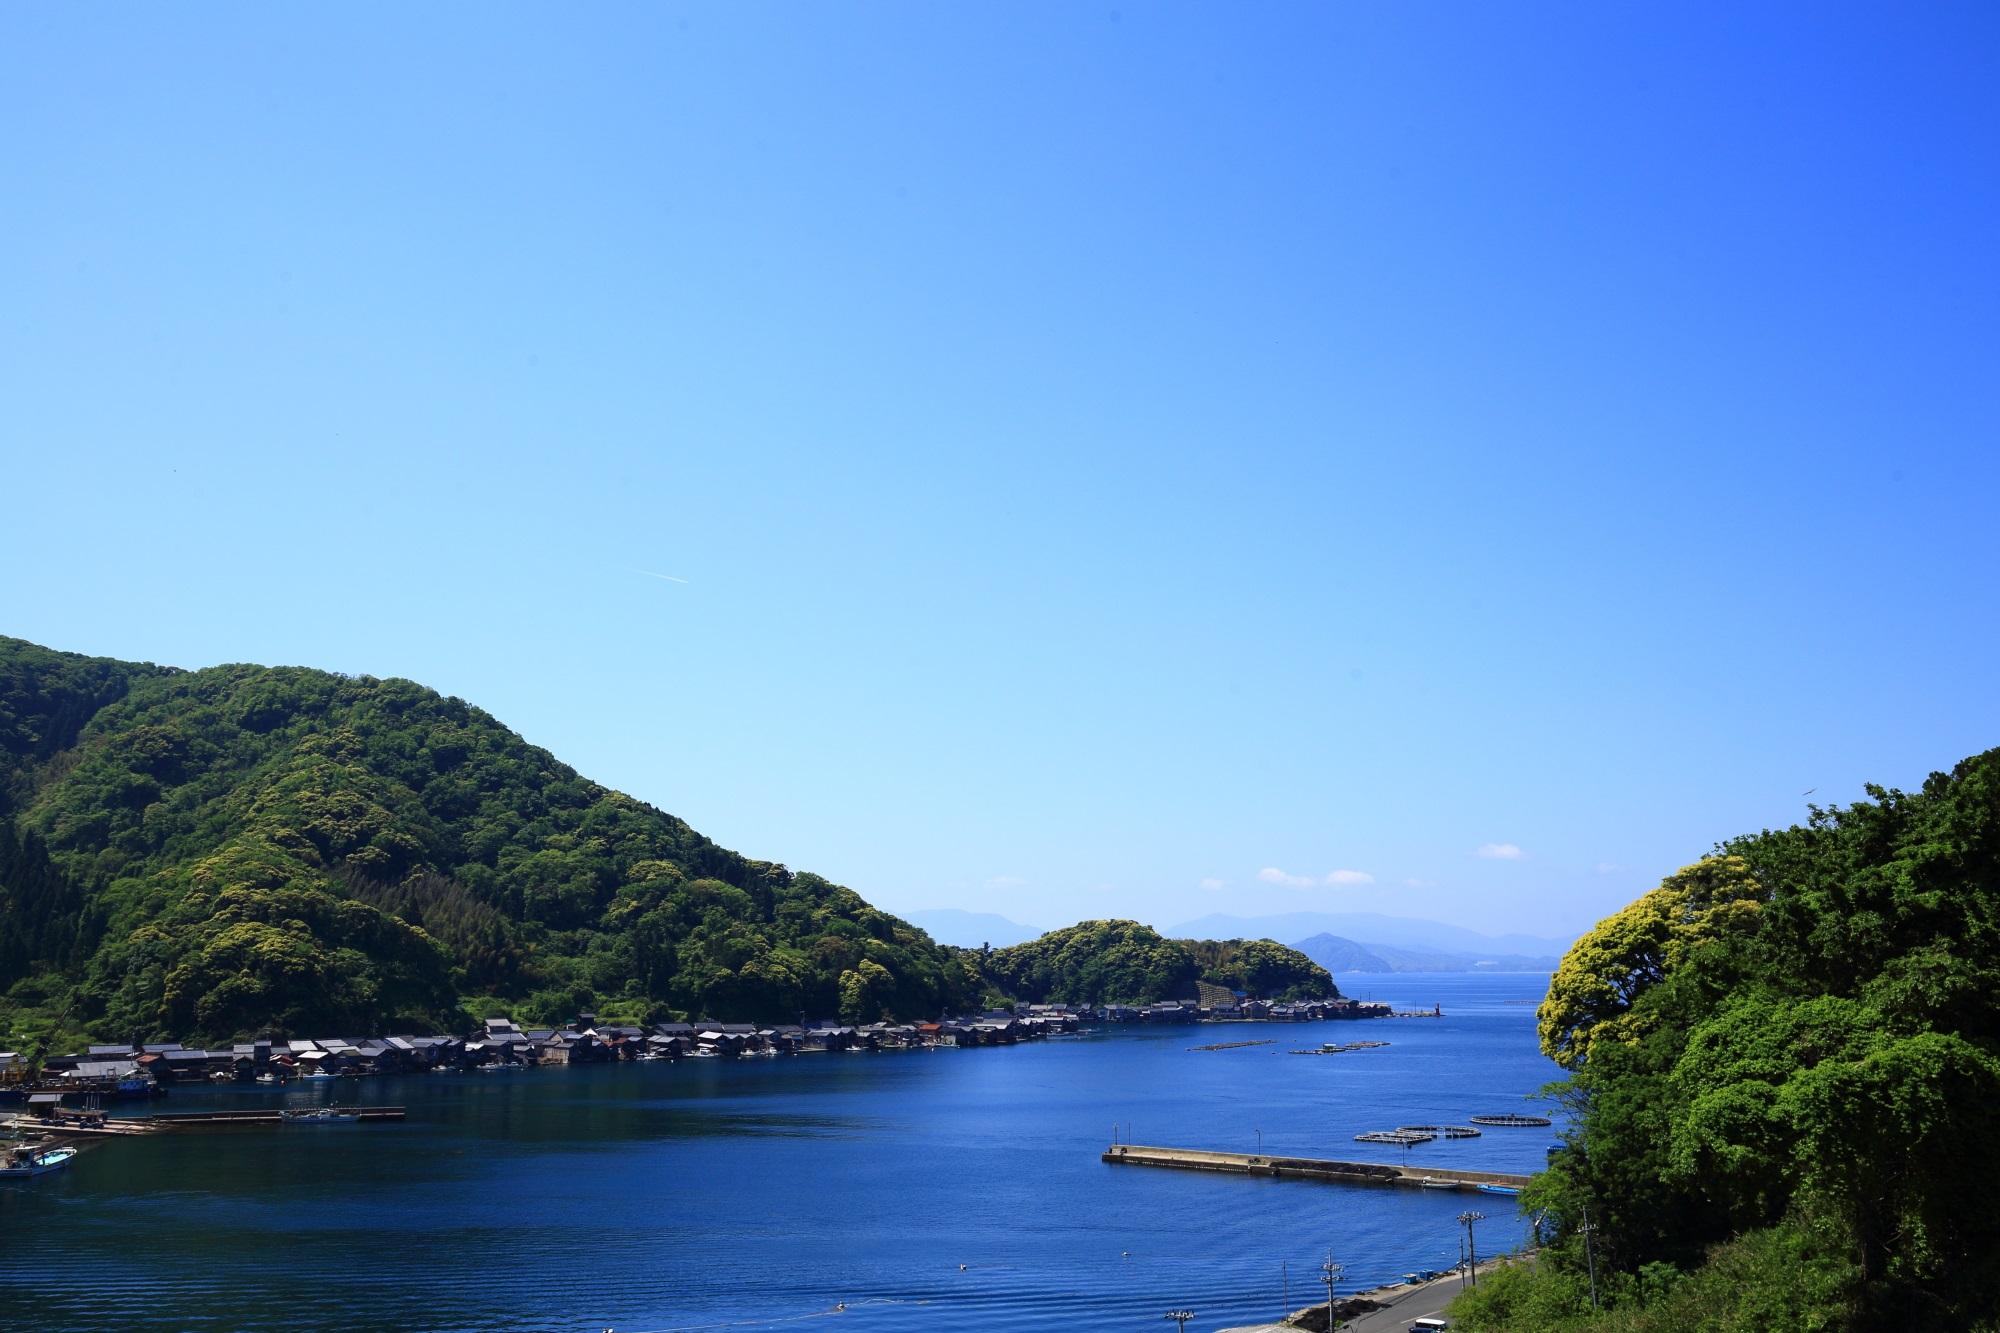 丹後海陸交通バスで行く京都府与謝郡伊根町の舟屋の里公園